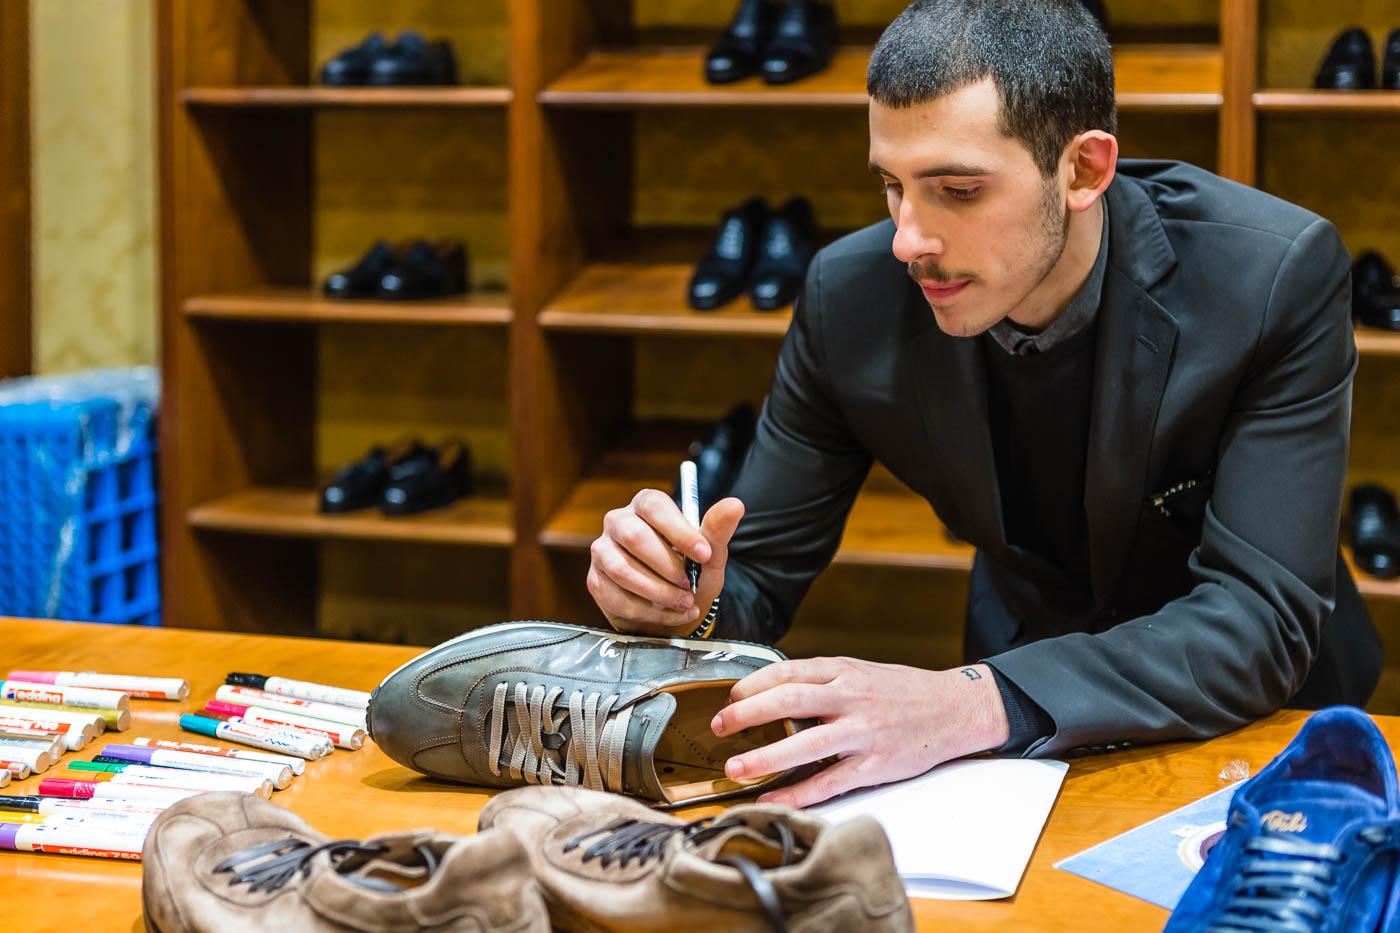 Fabi Shoes event at Mauro Volponi - Pitti Uomo 93 © Giorgio Magini